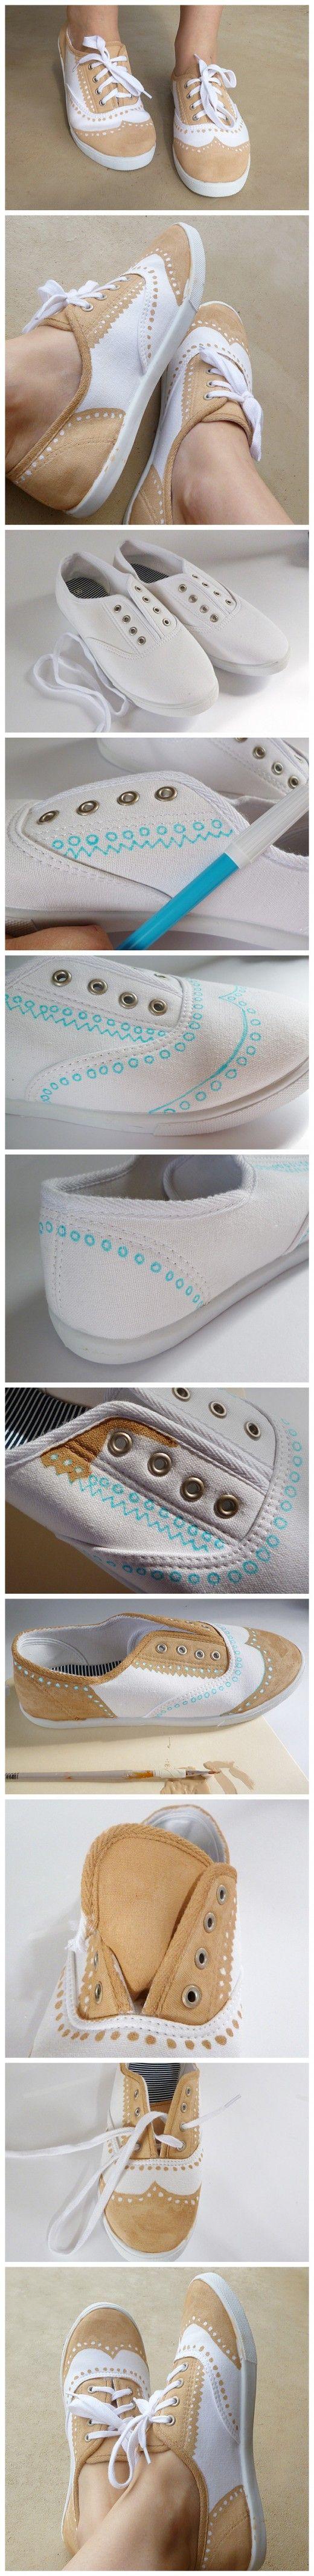 Cool DIY canvas shoes! #canvas#shoes#DIY#marker pen